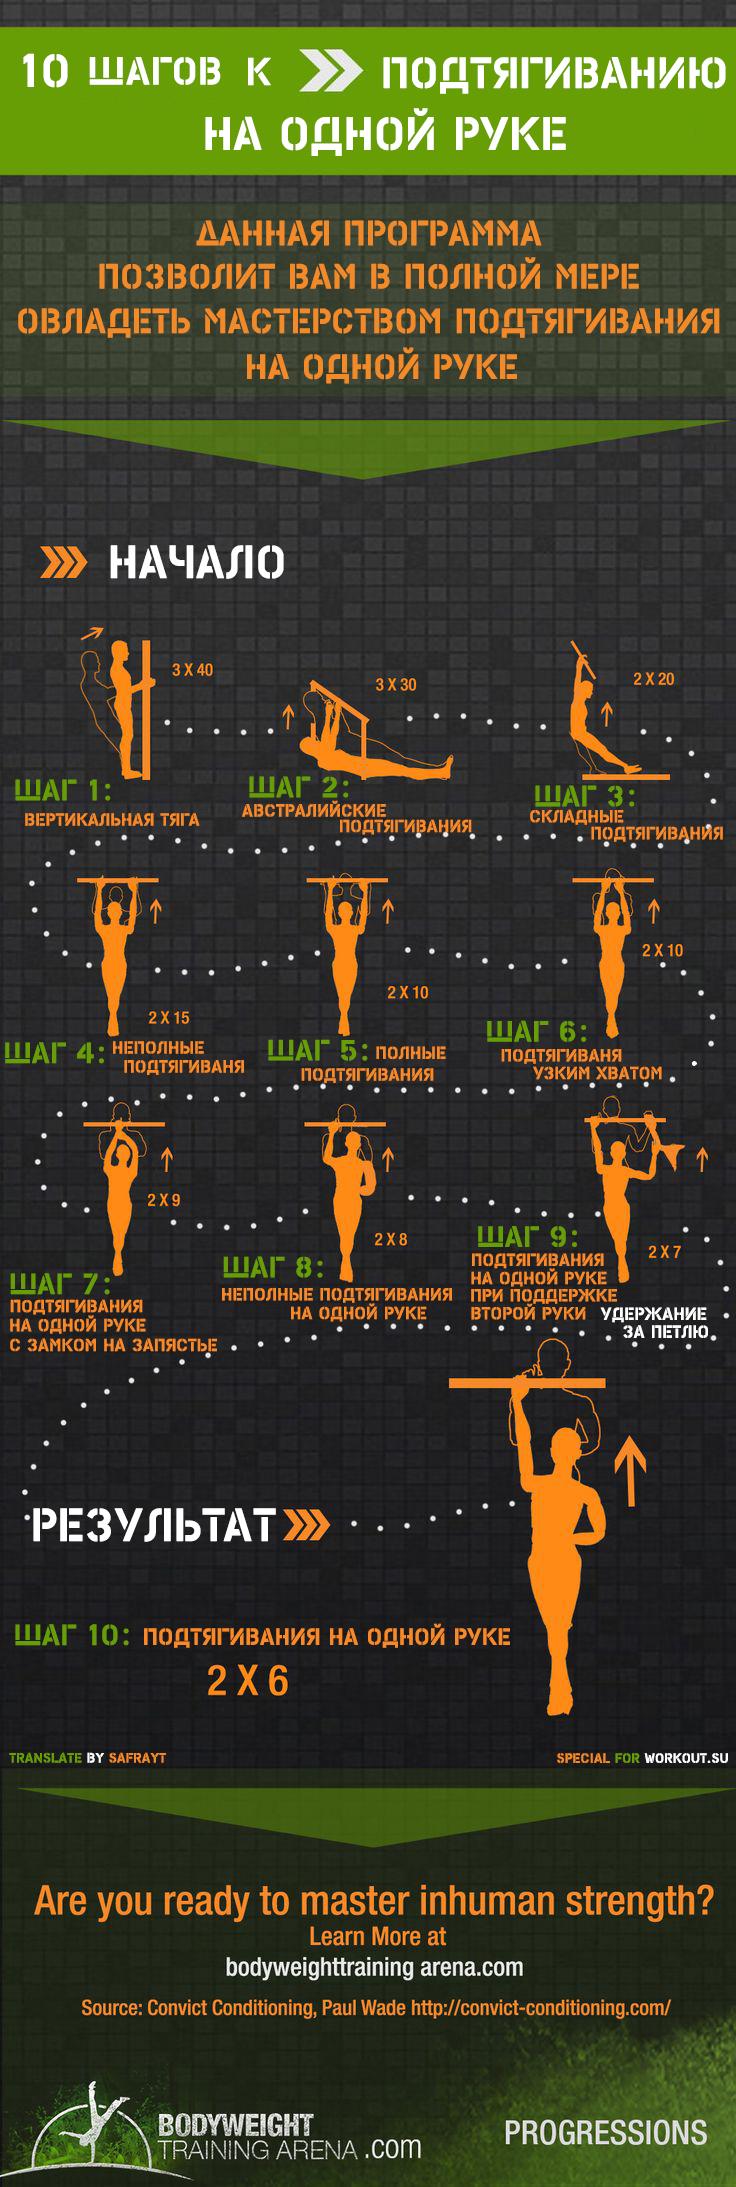 Программы тренировок с сайта Body Weight Training Arena